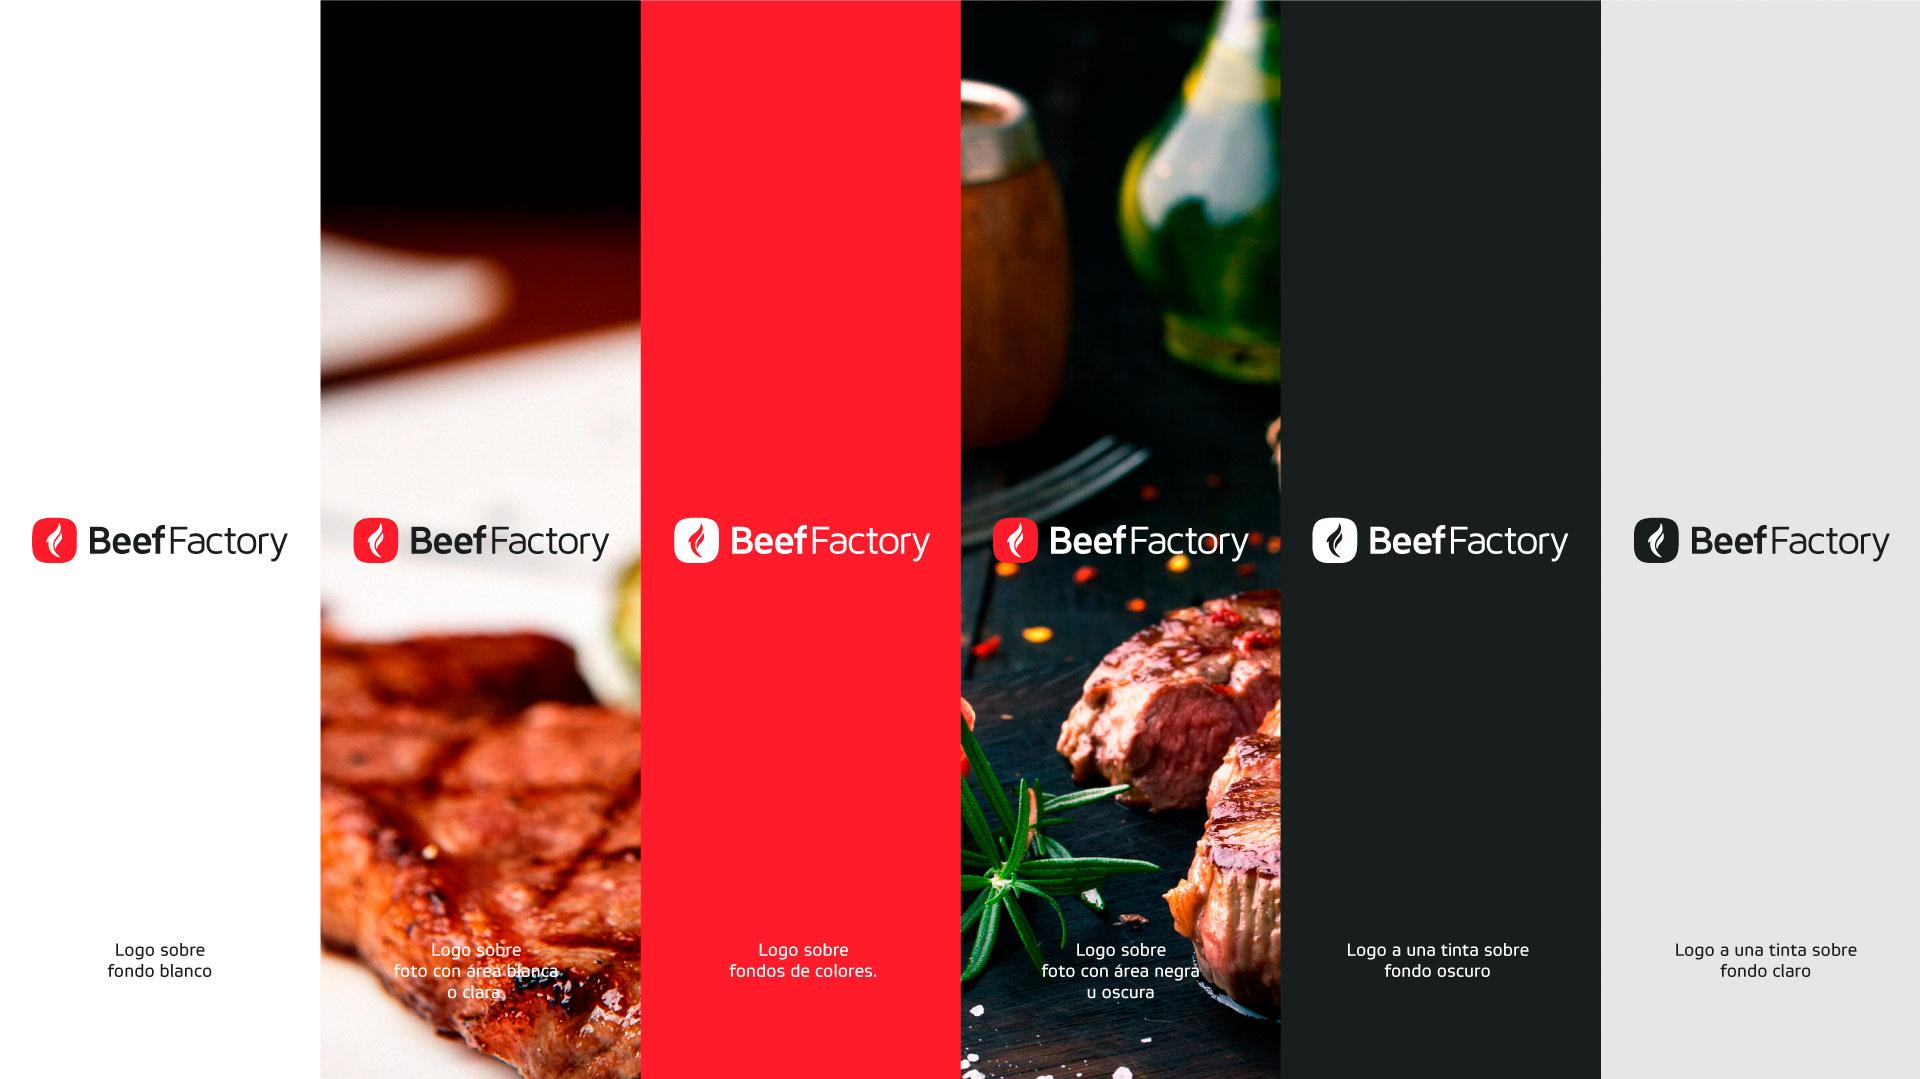 Beef Factory Variaciones de logo sobre fondos